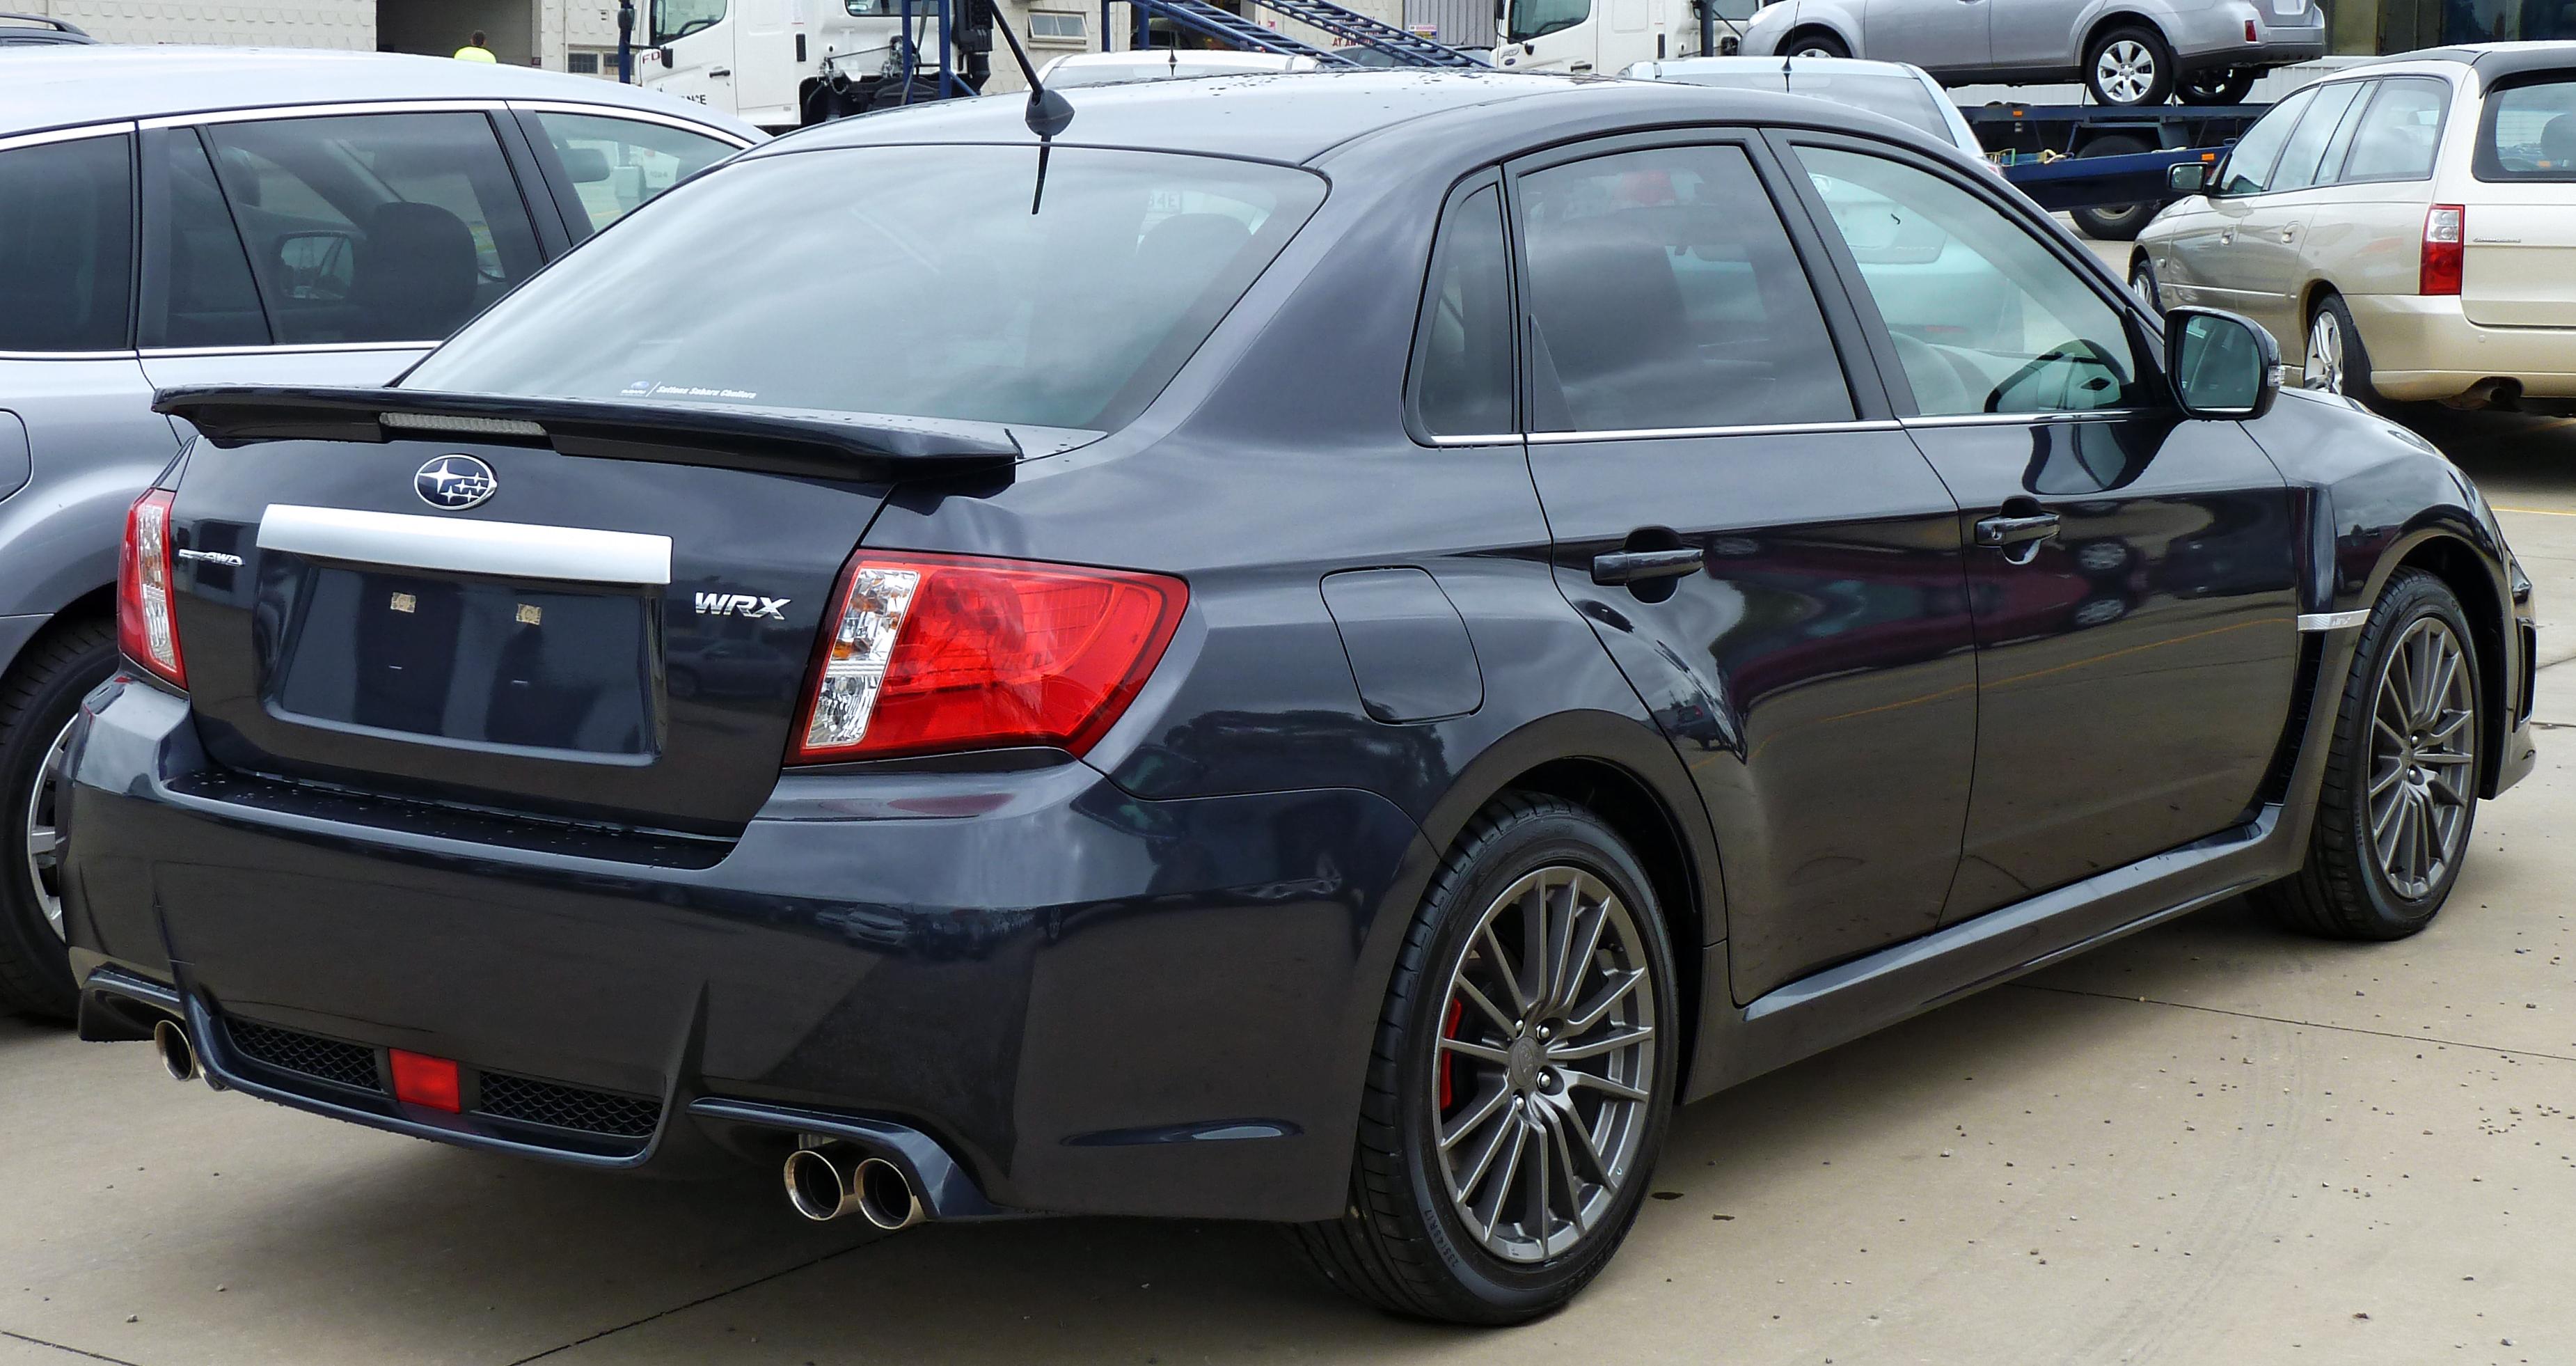 file:2010 subaru impreza (gve my11) wrx sedan (2010-10-19) 02